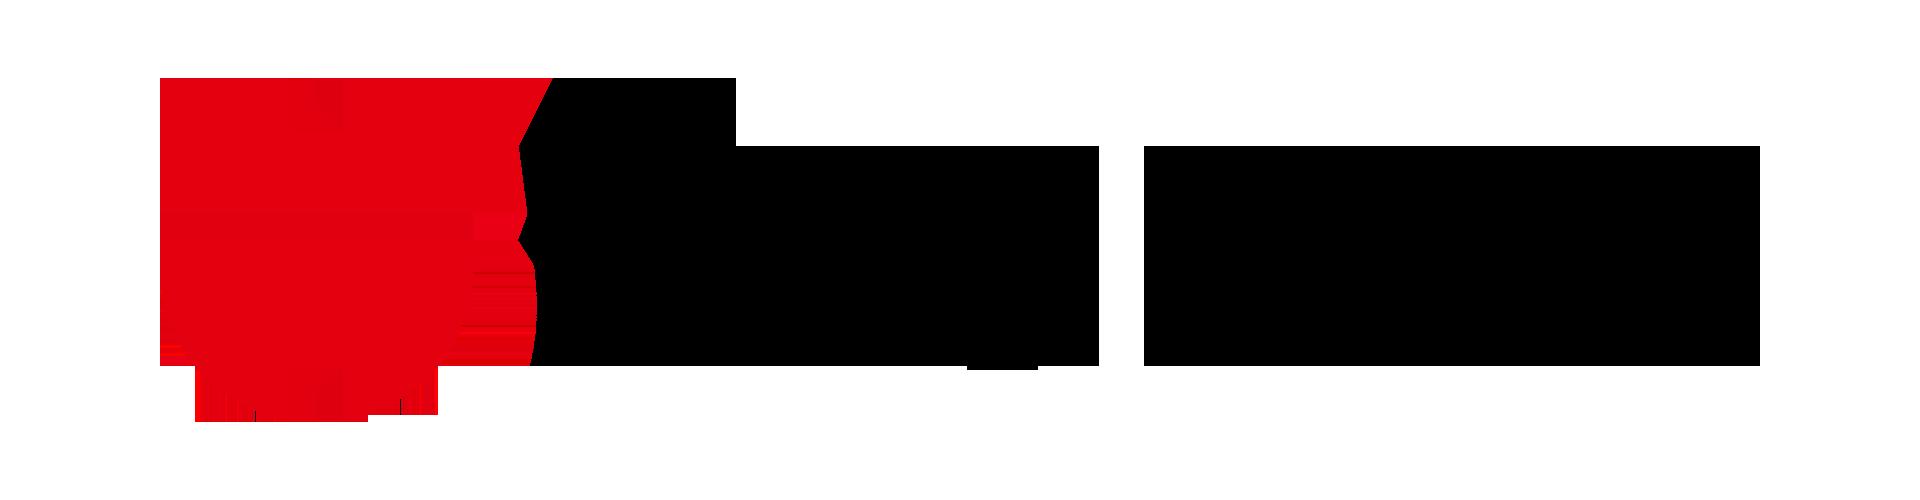 Naslovna slika za Brusilice